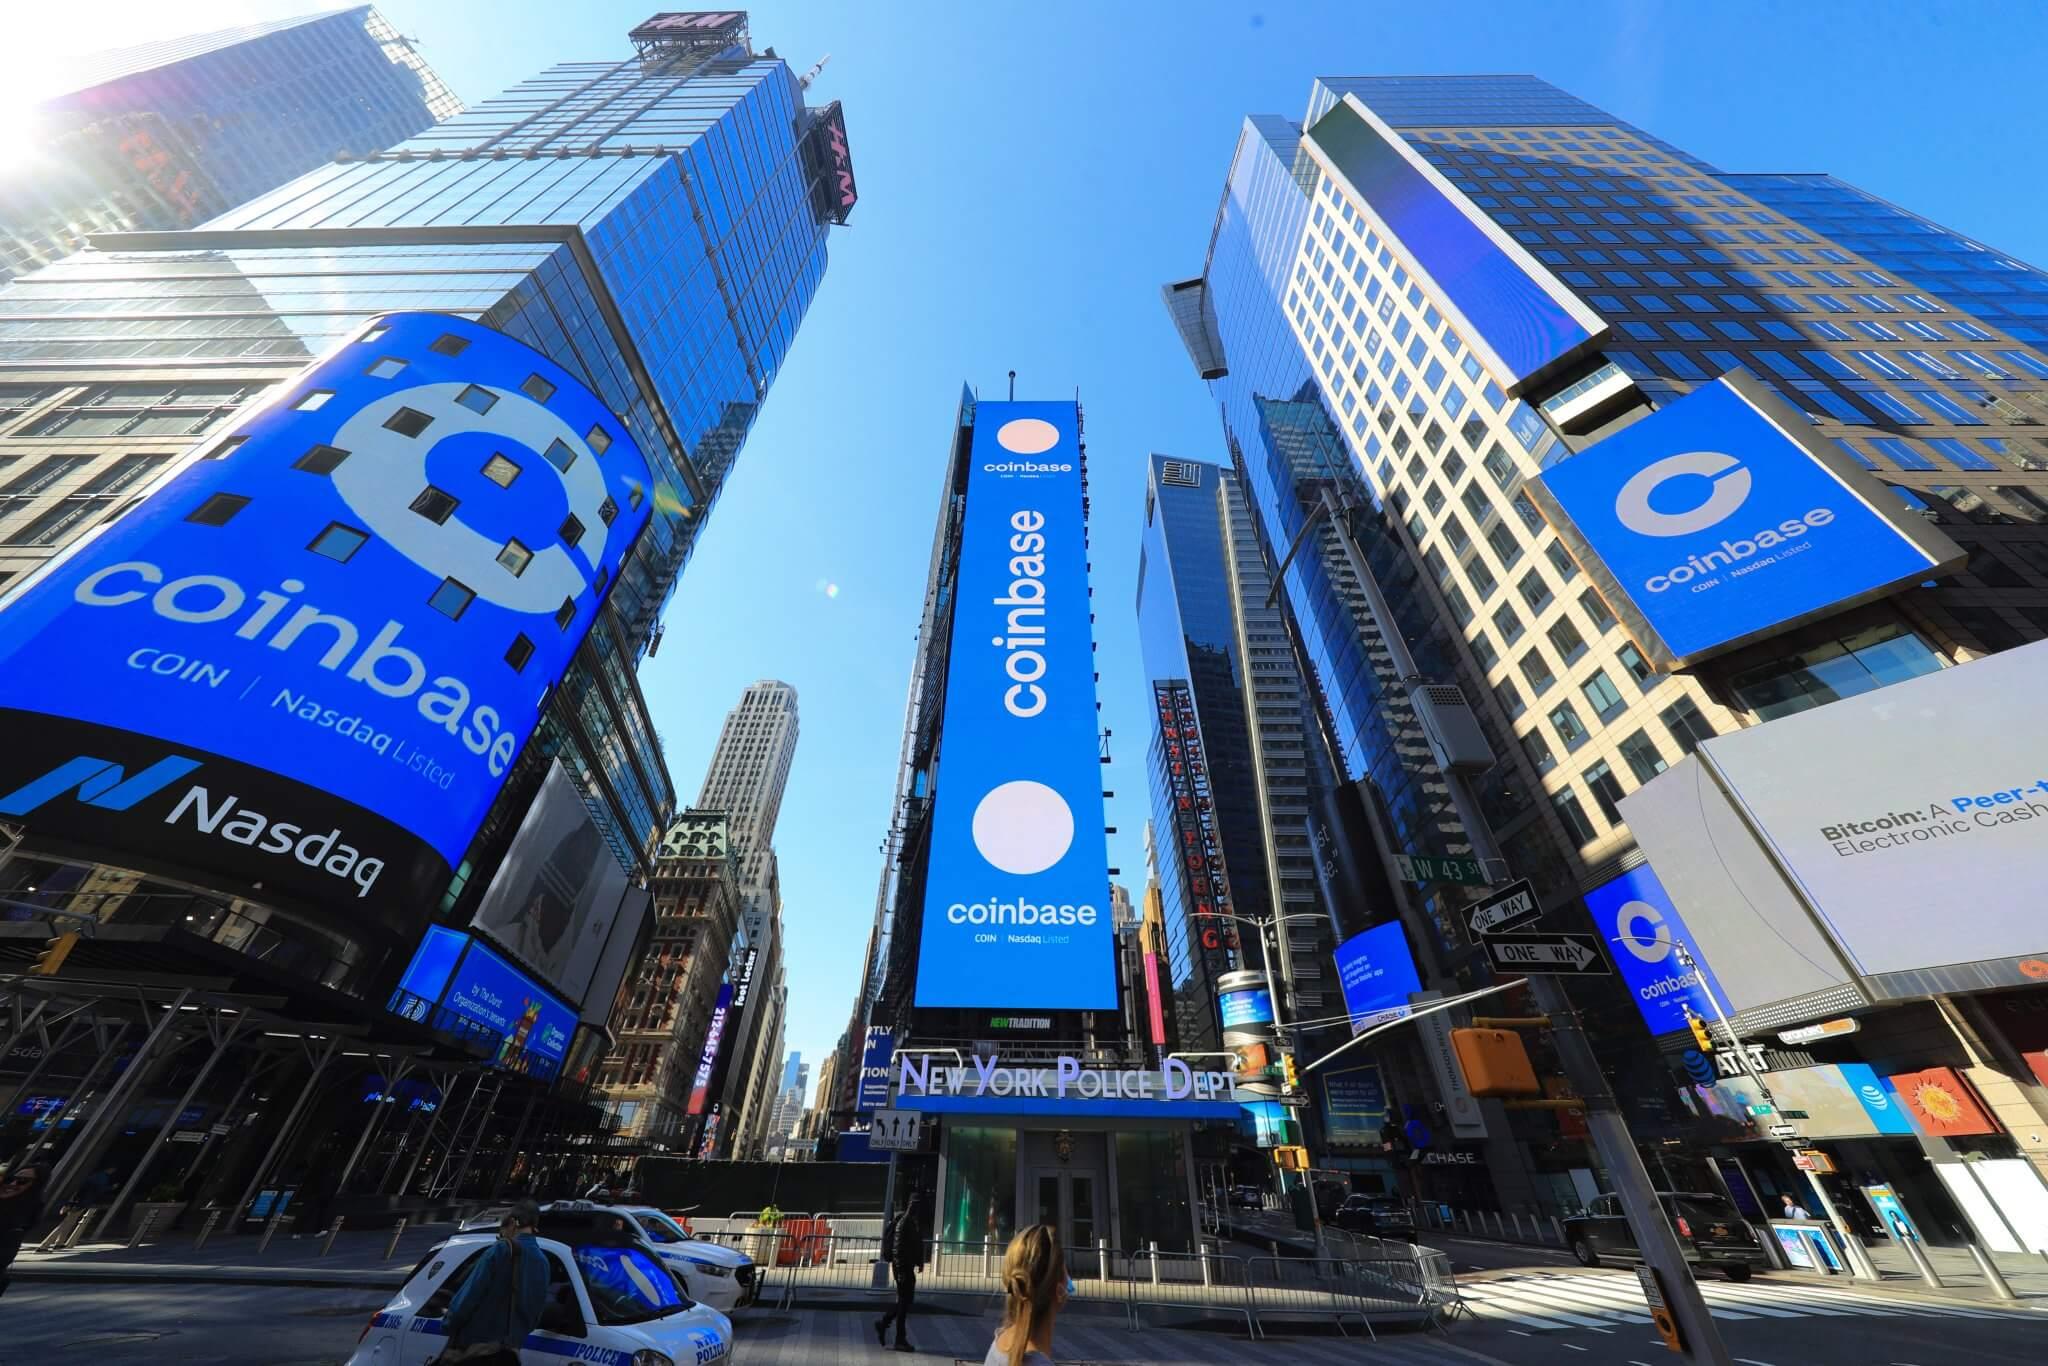 Coinbase Манхэттен